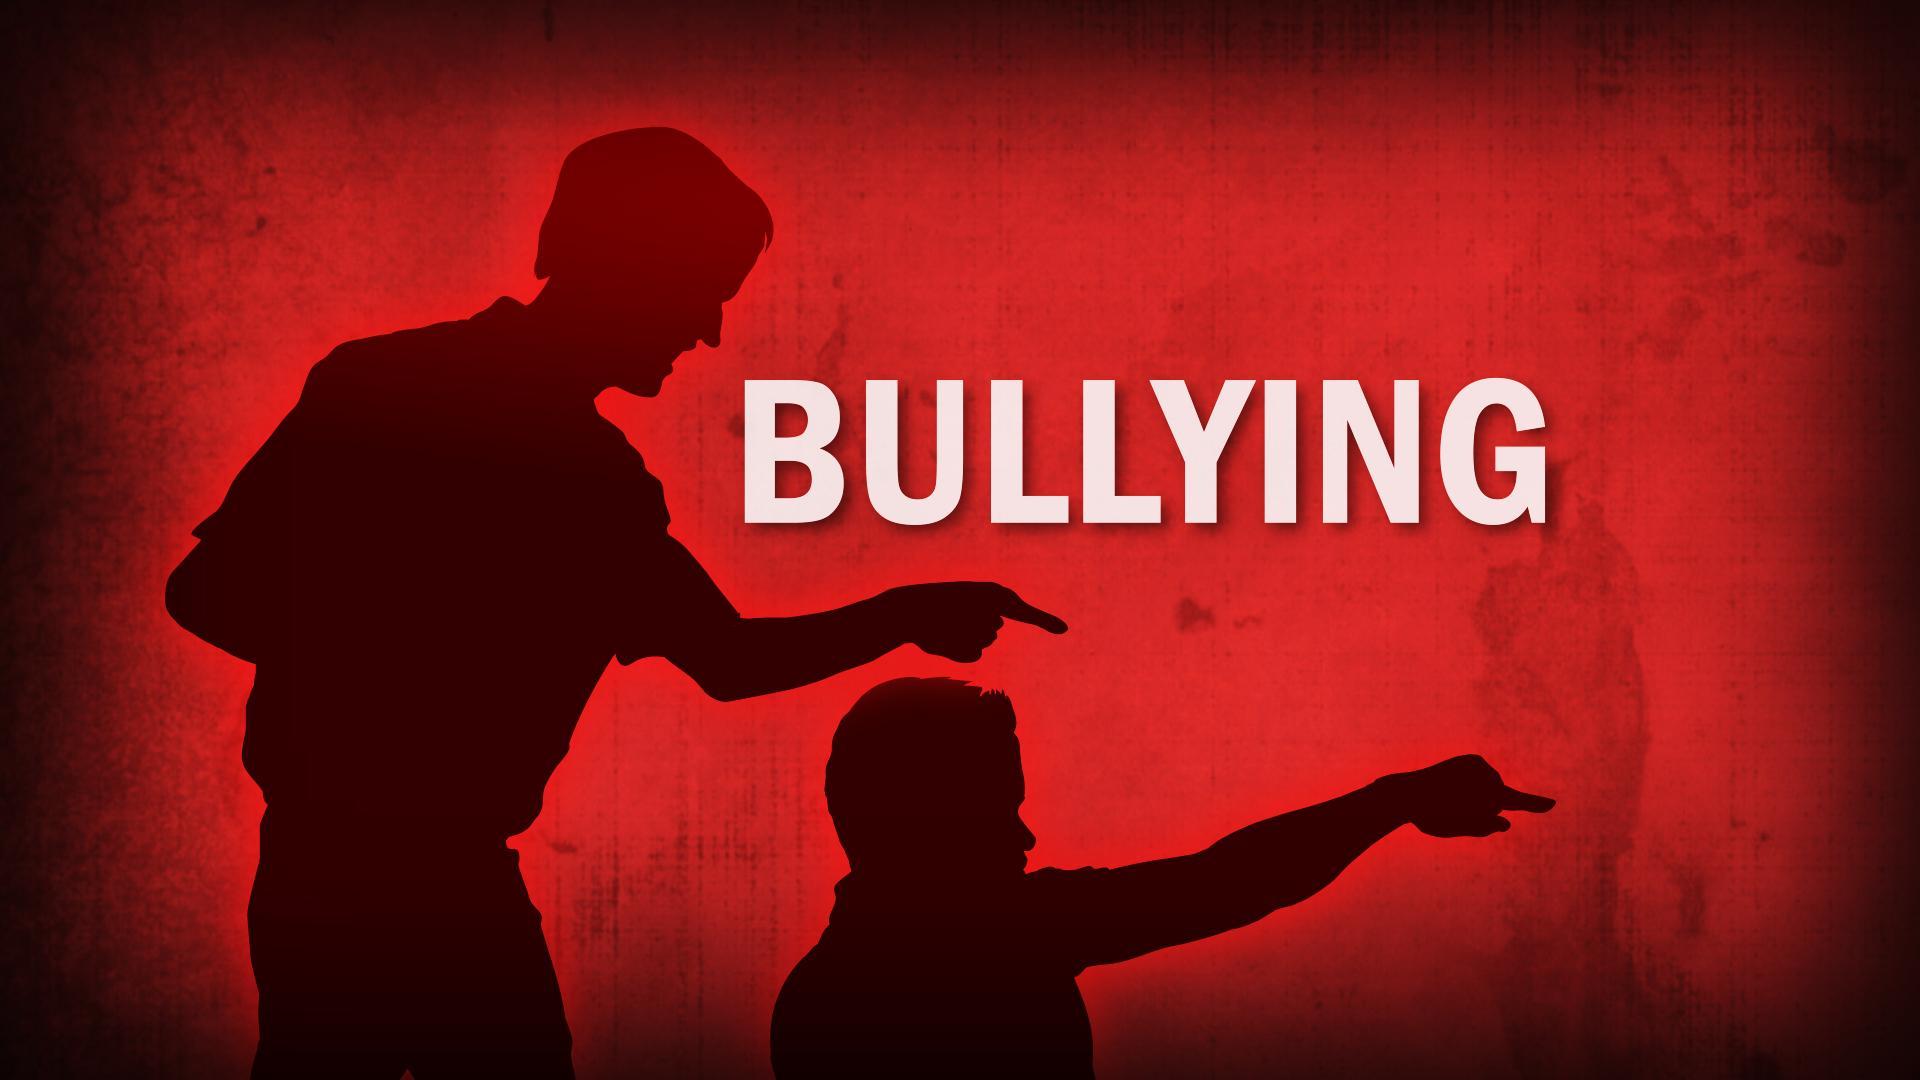 bullying_390158